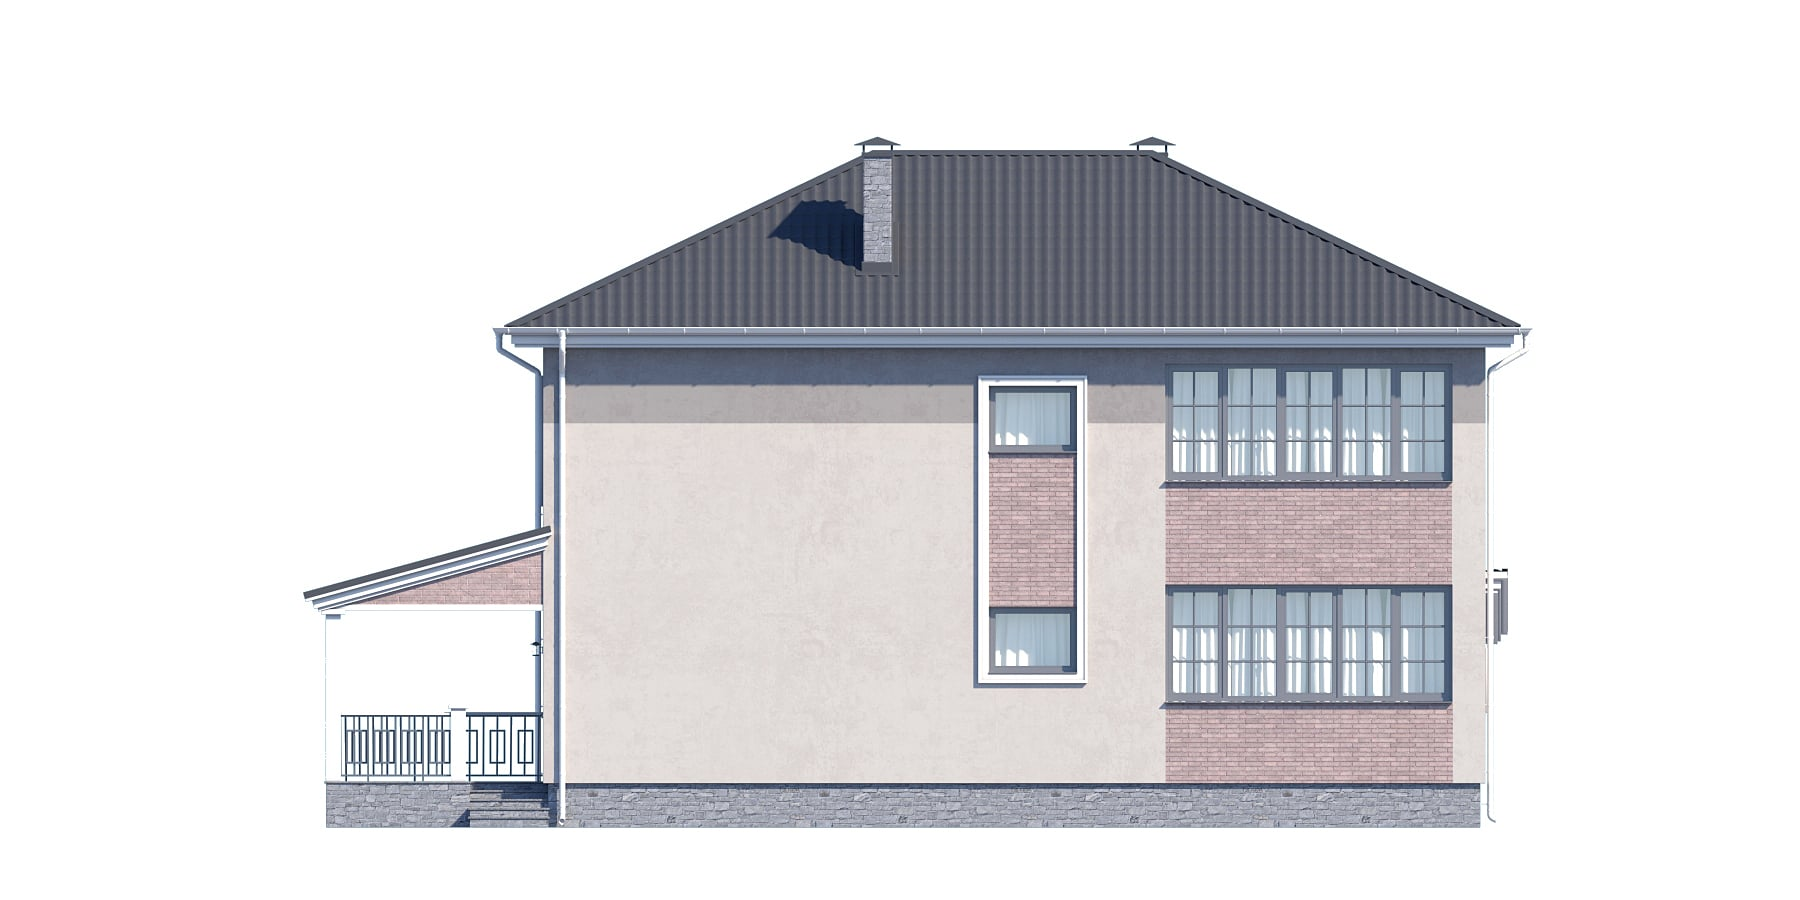 Фасад двухэтажного дома с гаражом, террасой «КД-32» - сзади